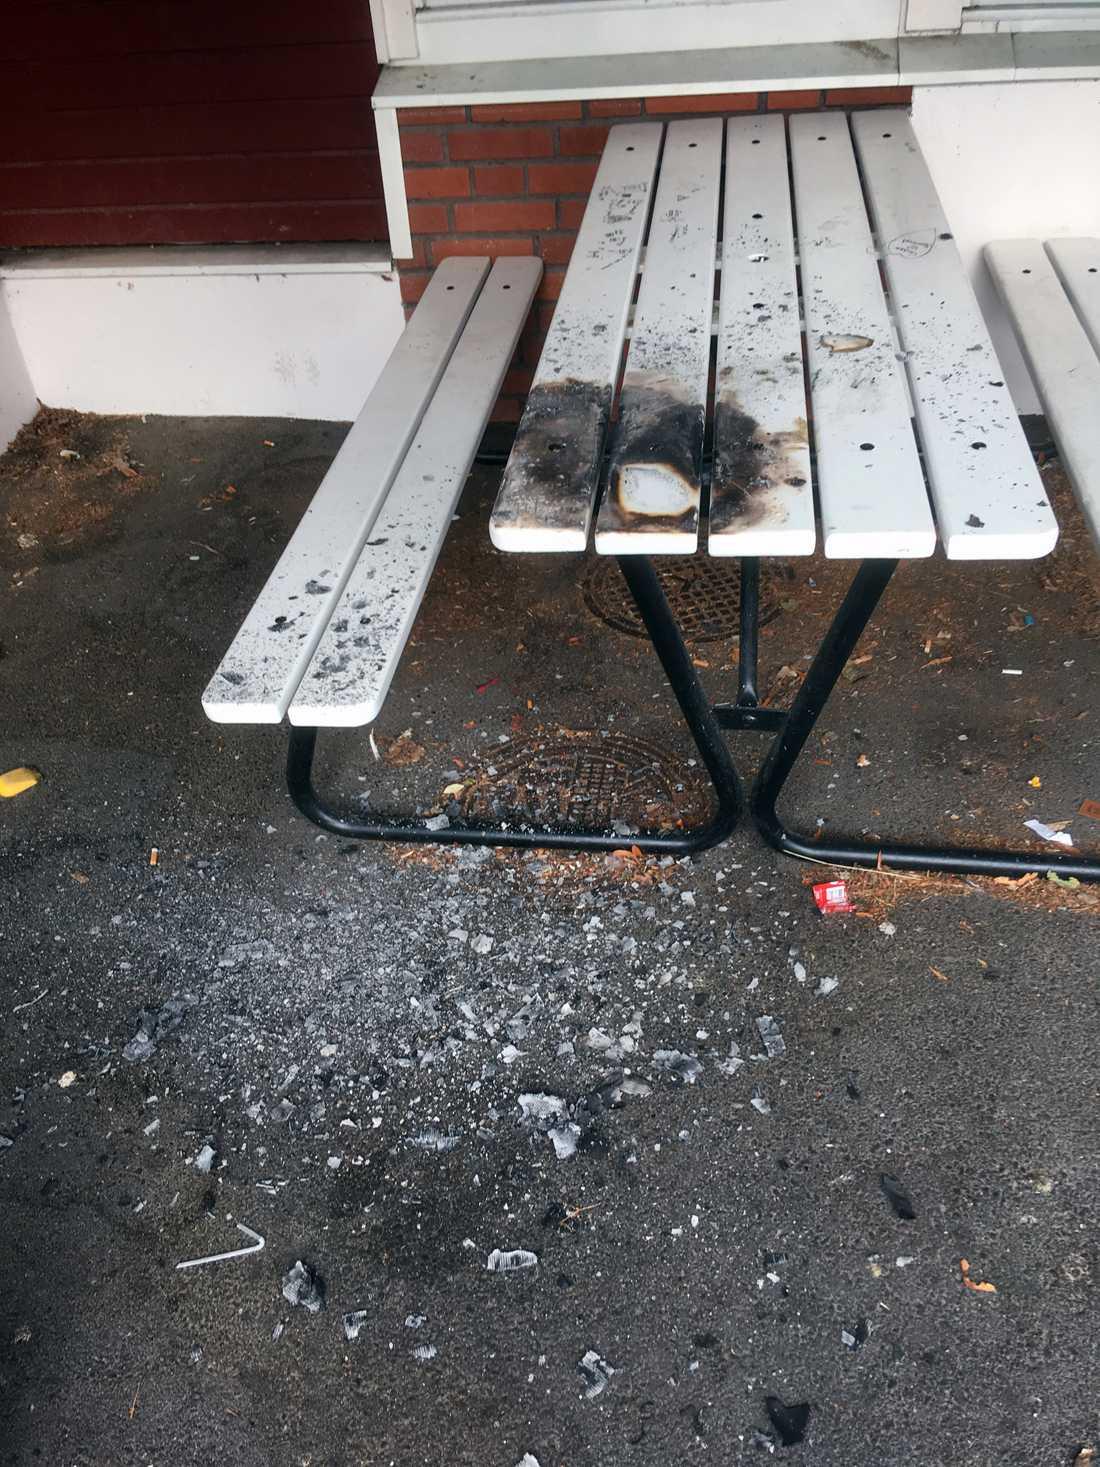 Utöver hakkorsen hade någon bränt bänkarna som står på skolgården.